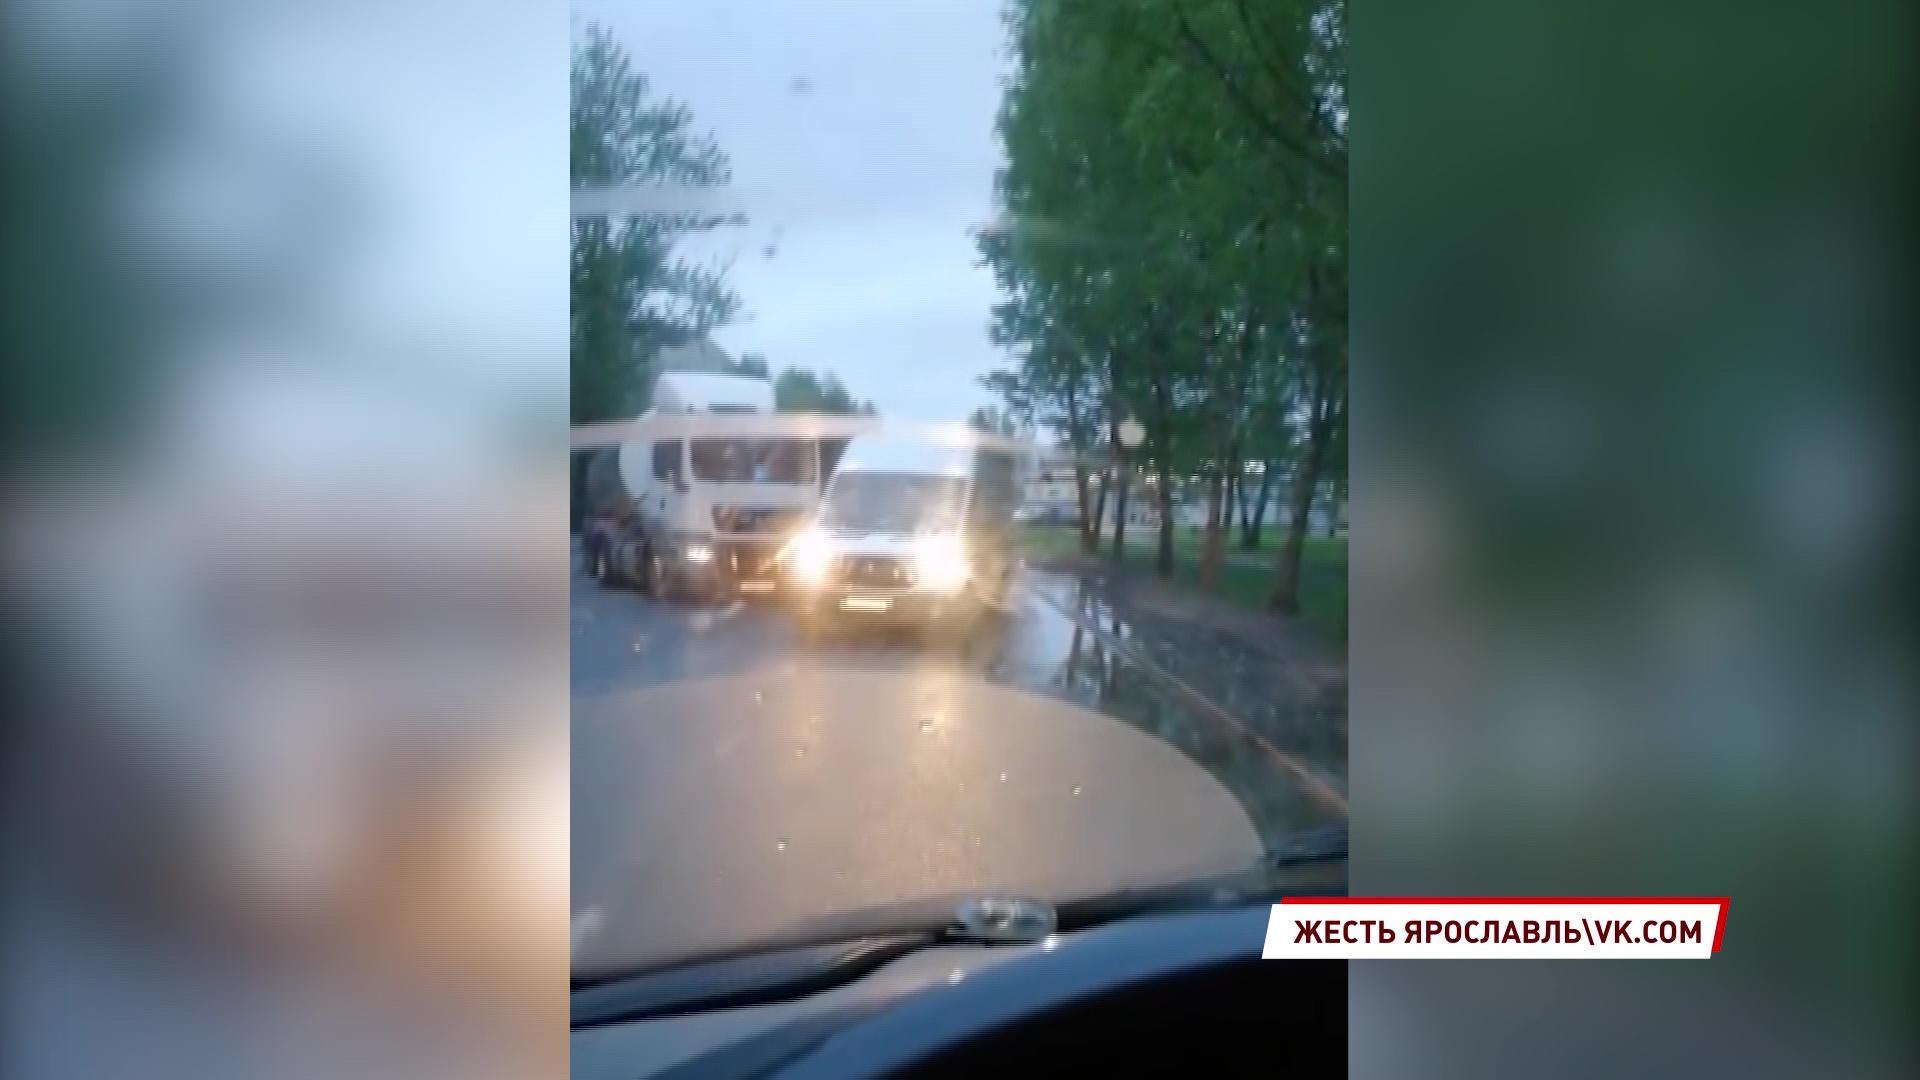 В Ярославле иномарка влетела в большегруз